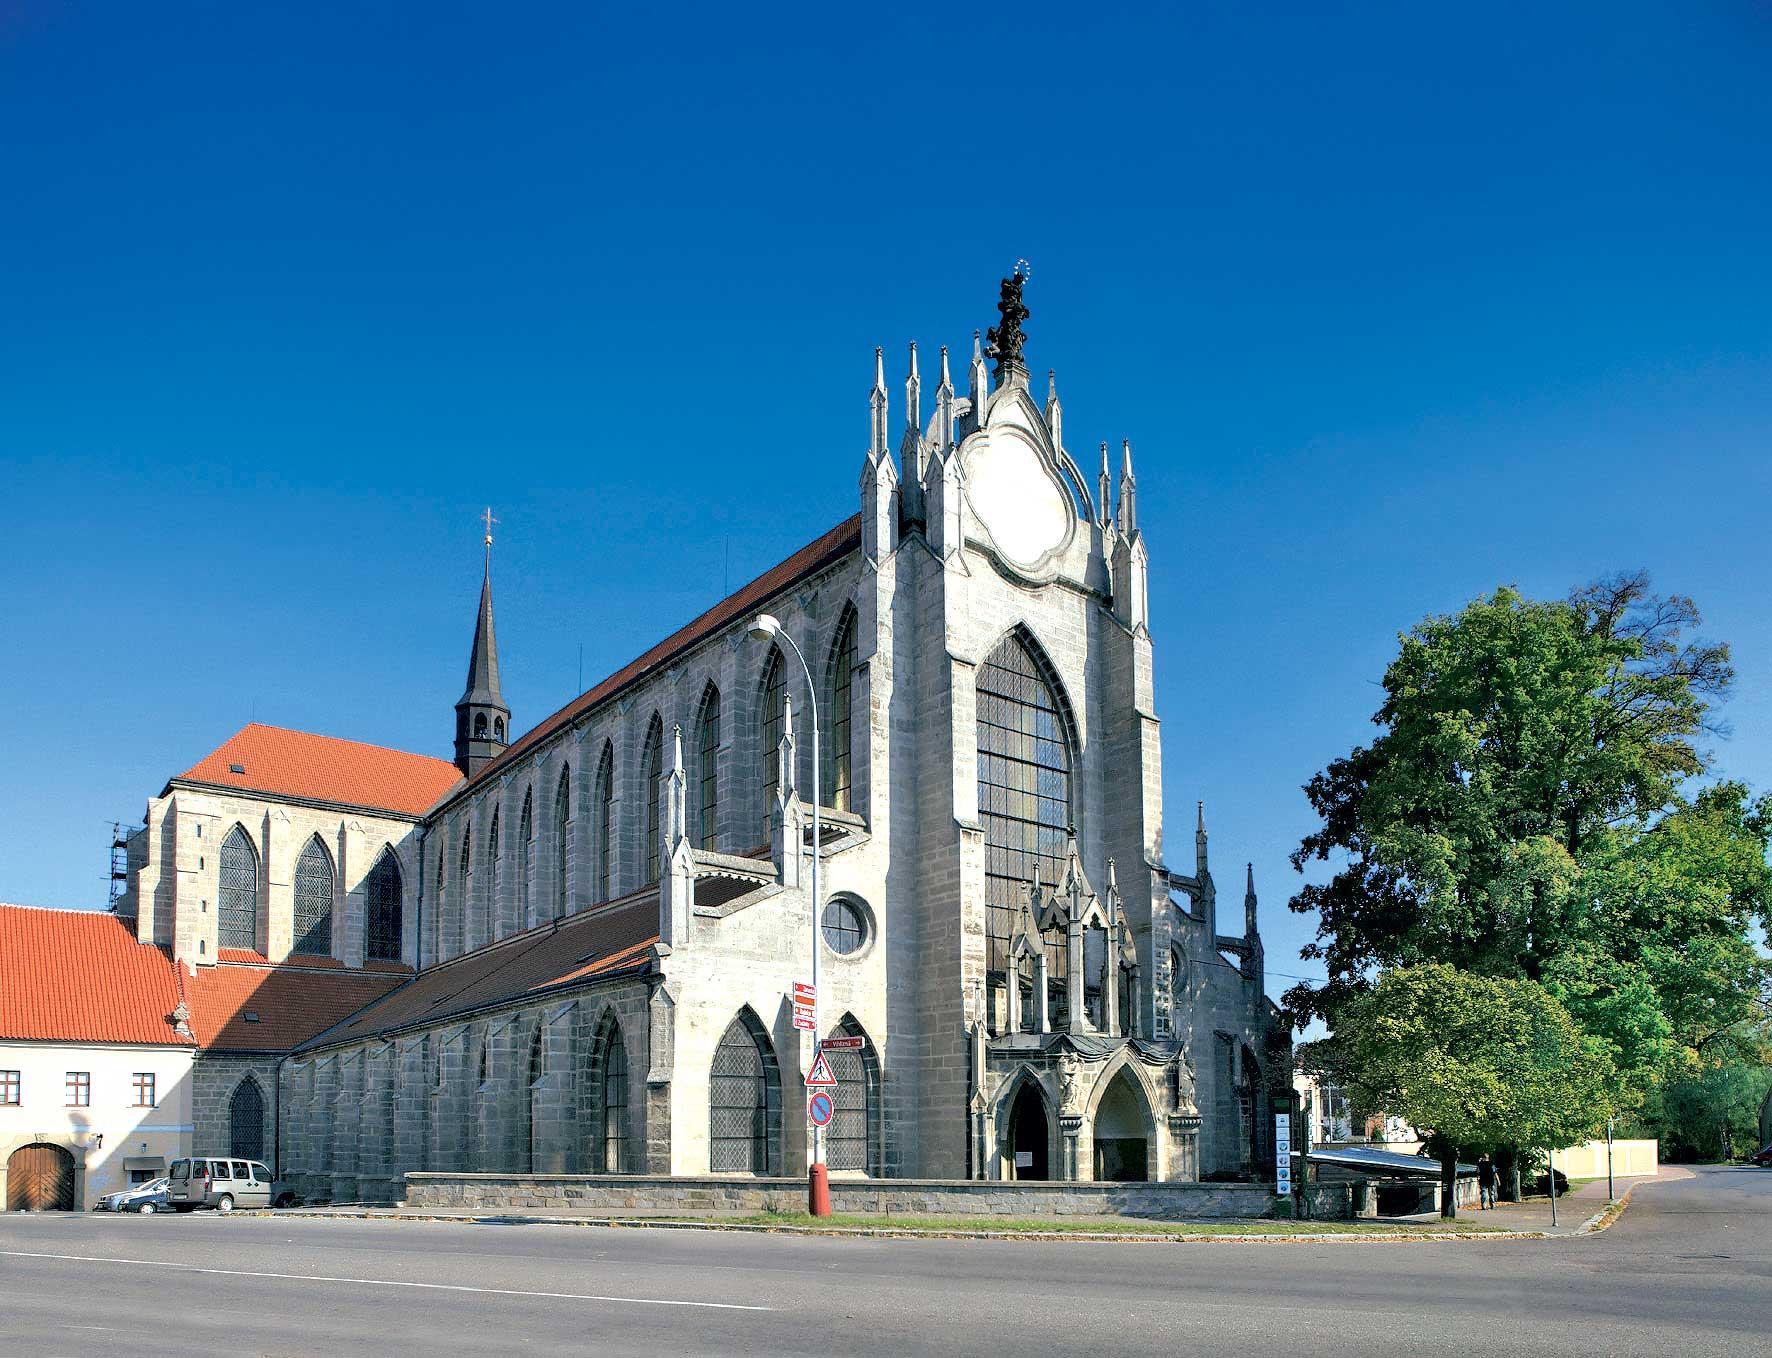 Katedrala-Nanebevzeti-Panny